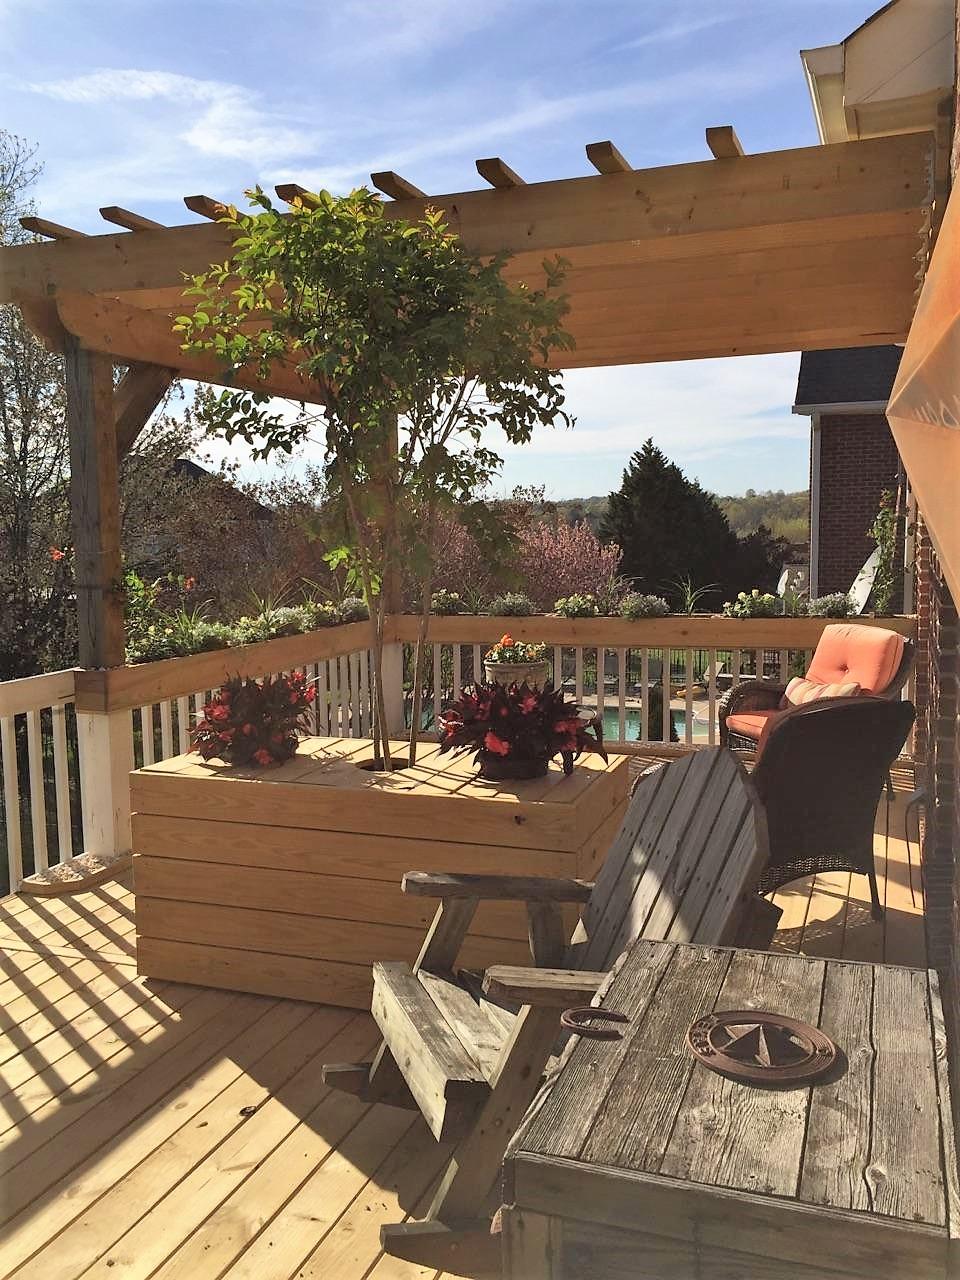 Pergola, Planters, Deck Boards